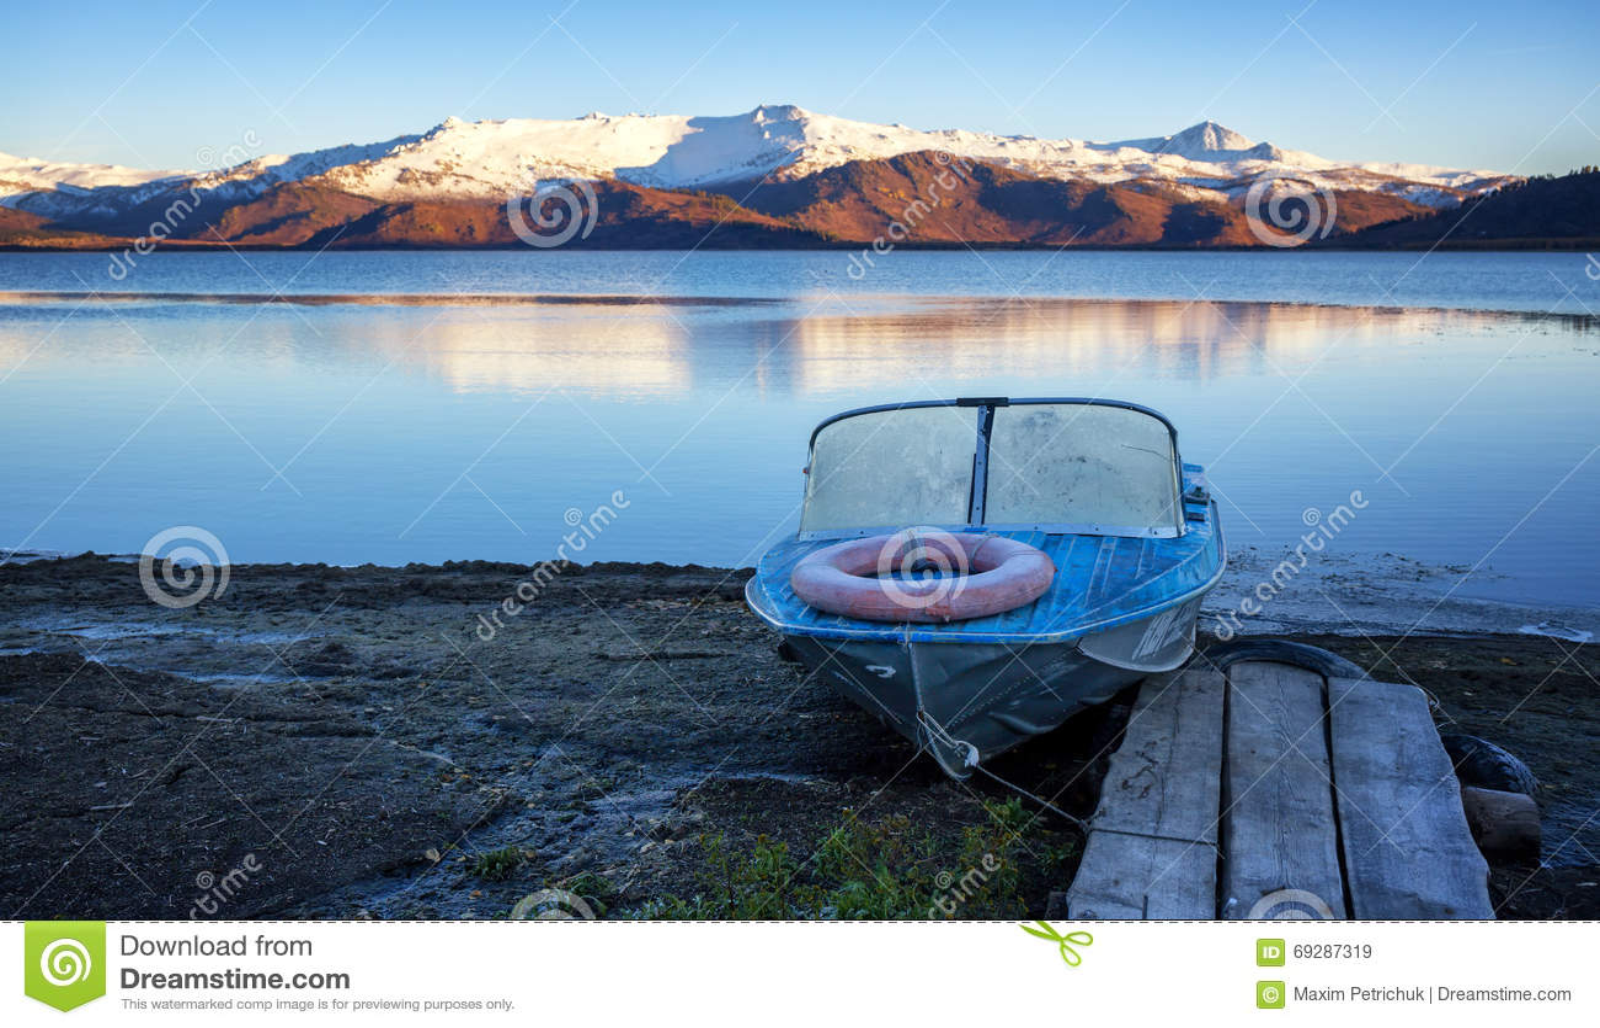 Old Aluminum Boat On Lake Shore Stock Photo Image 69287319